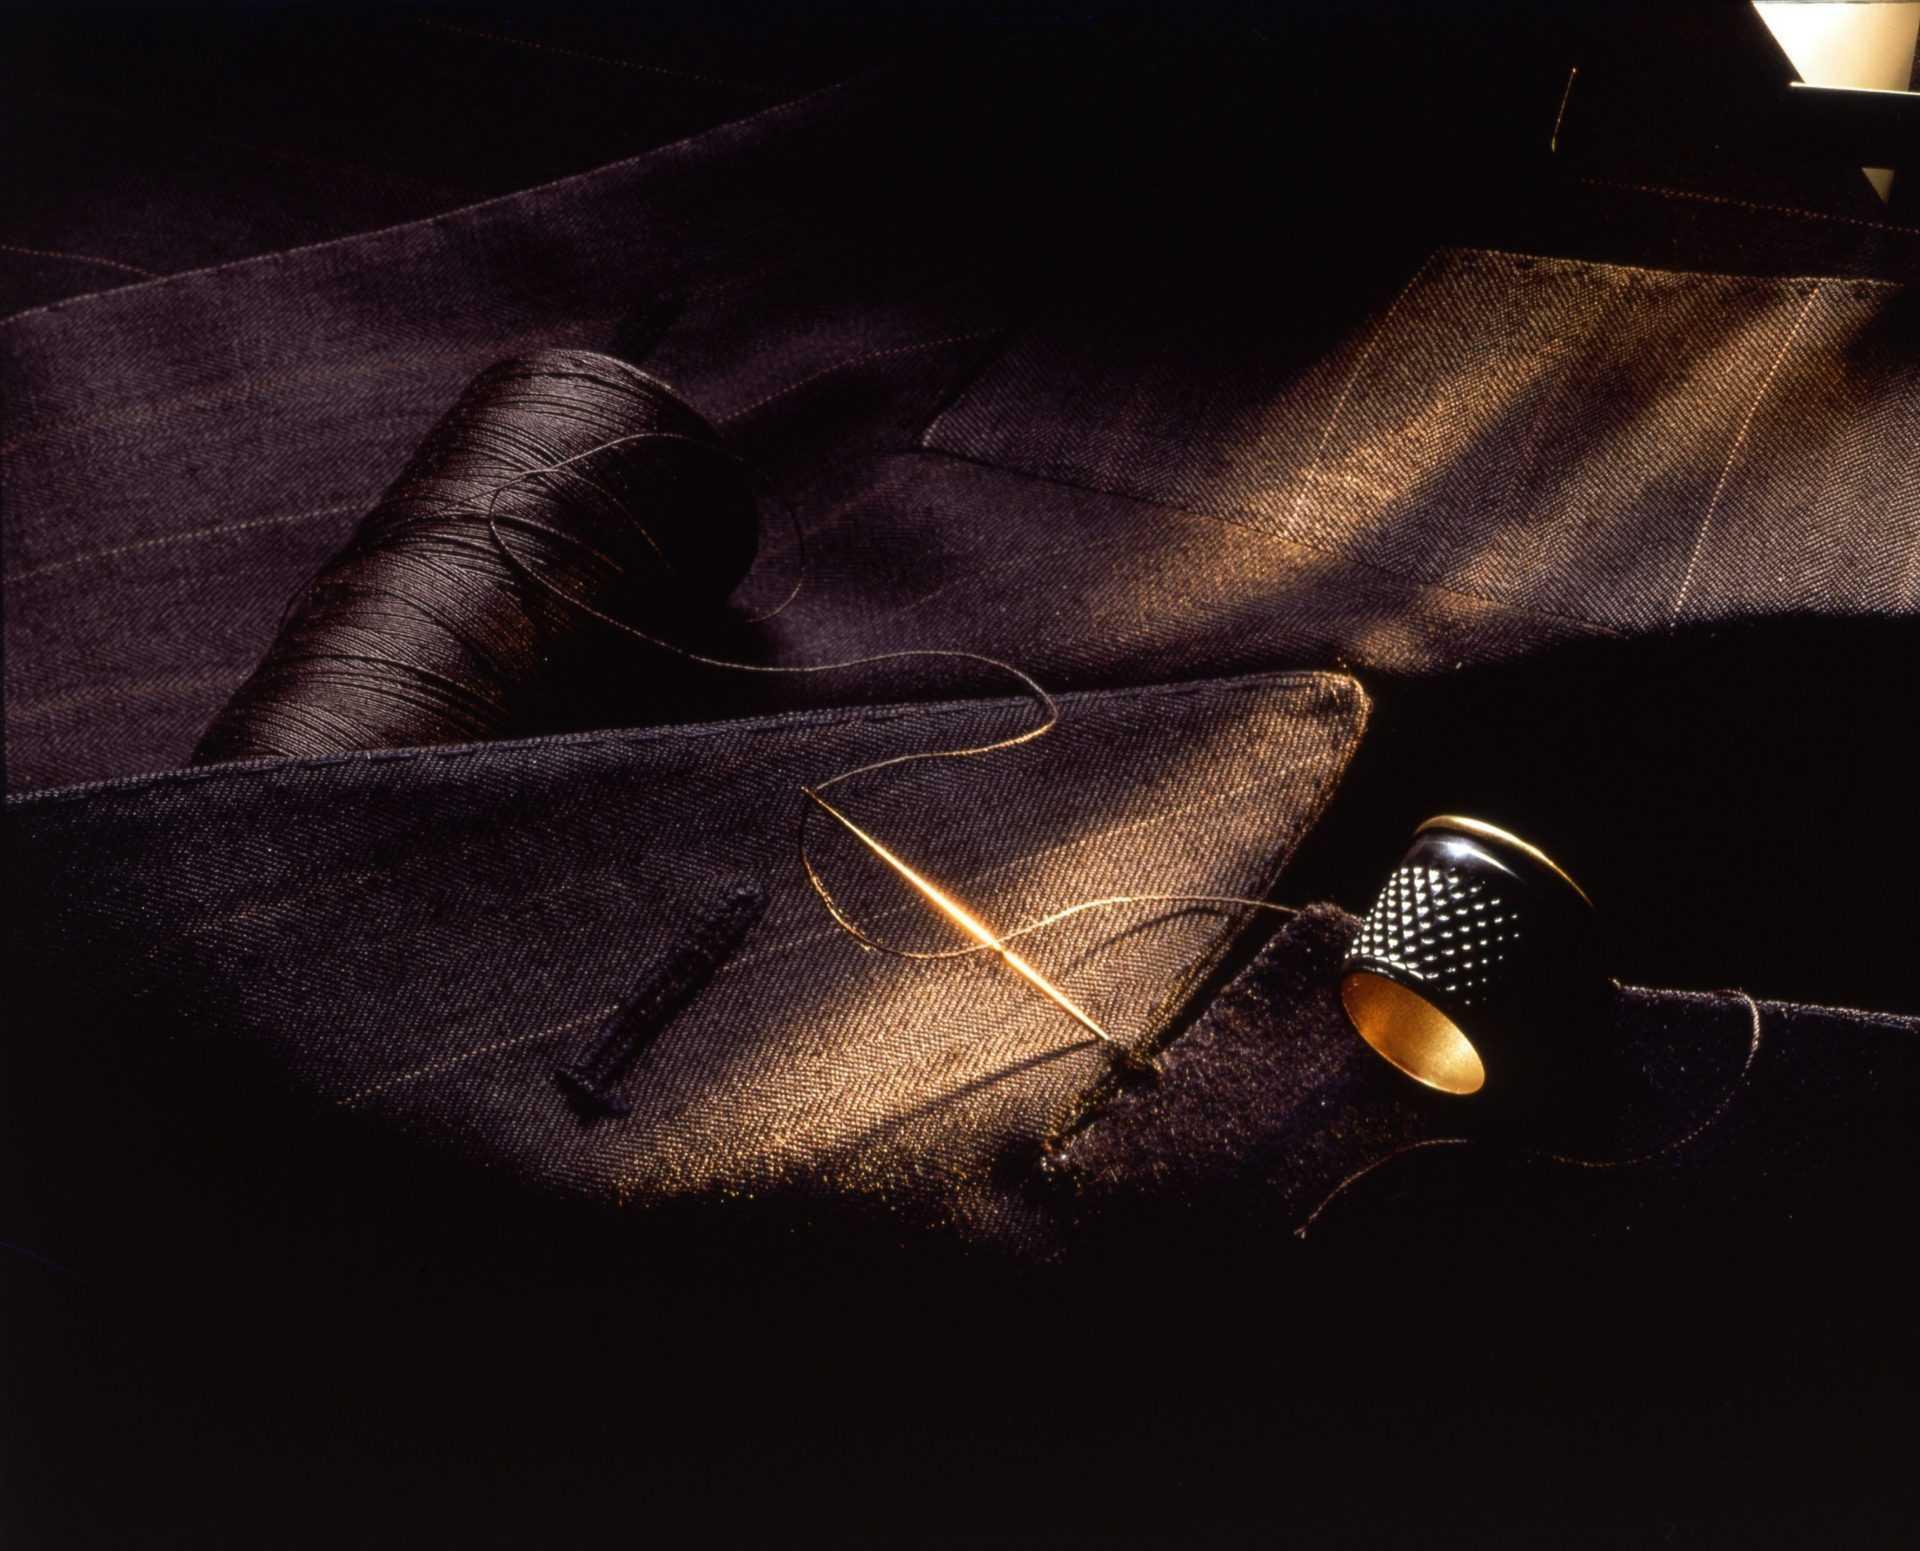 The Su Misura fabrics are professional woven within Lanificio Zegna 99ff54296a2